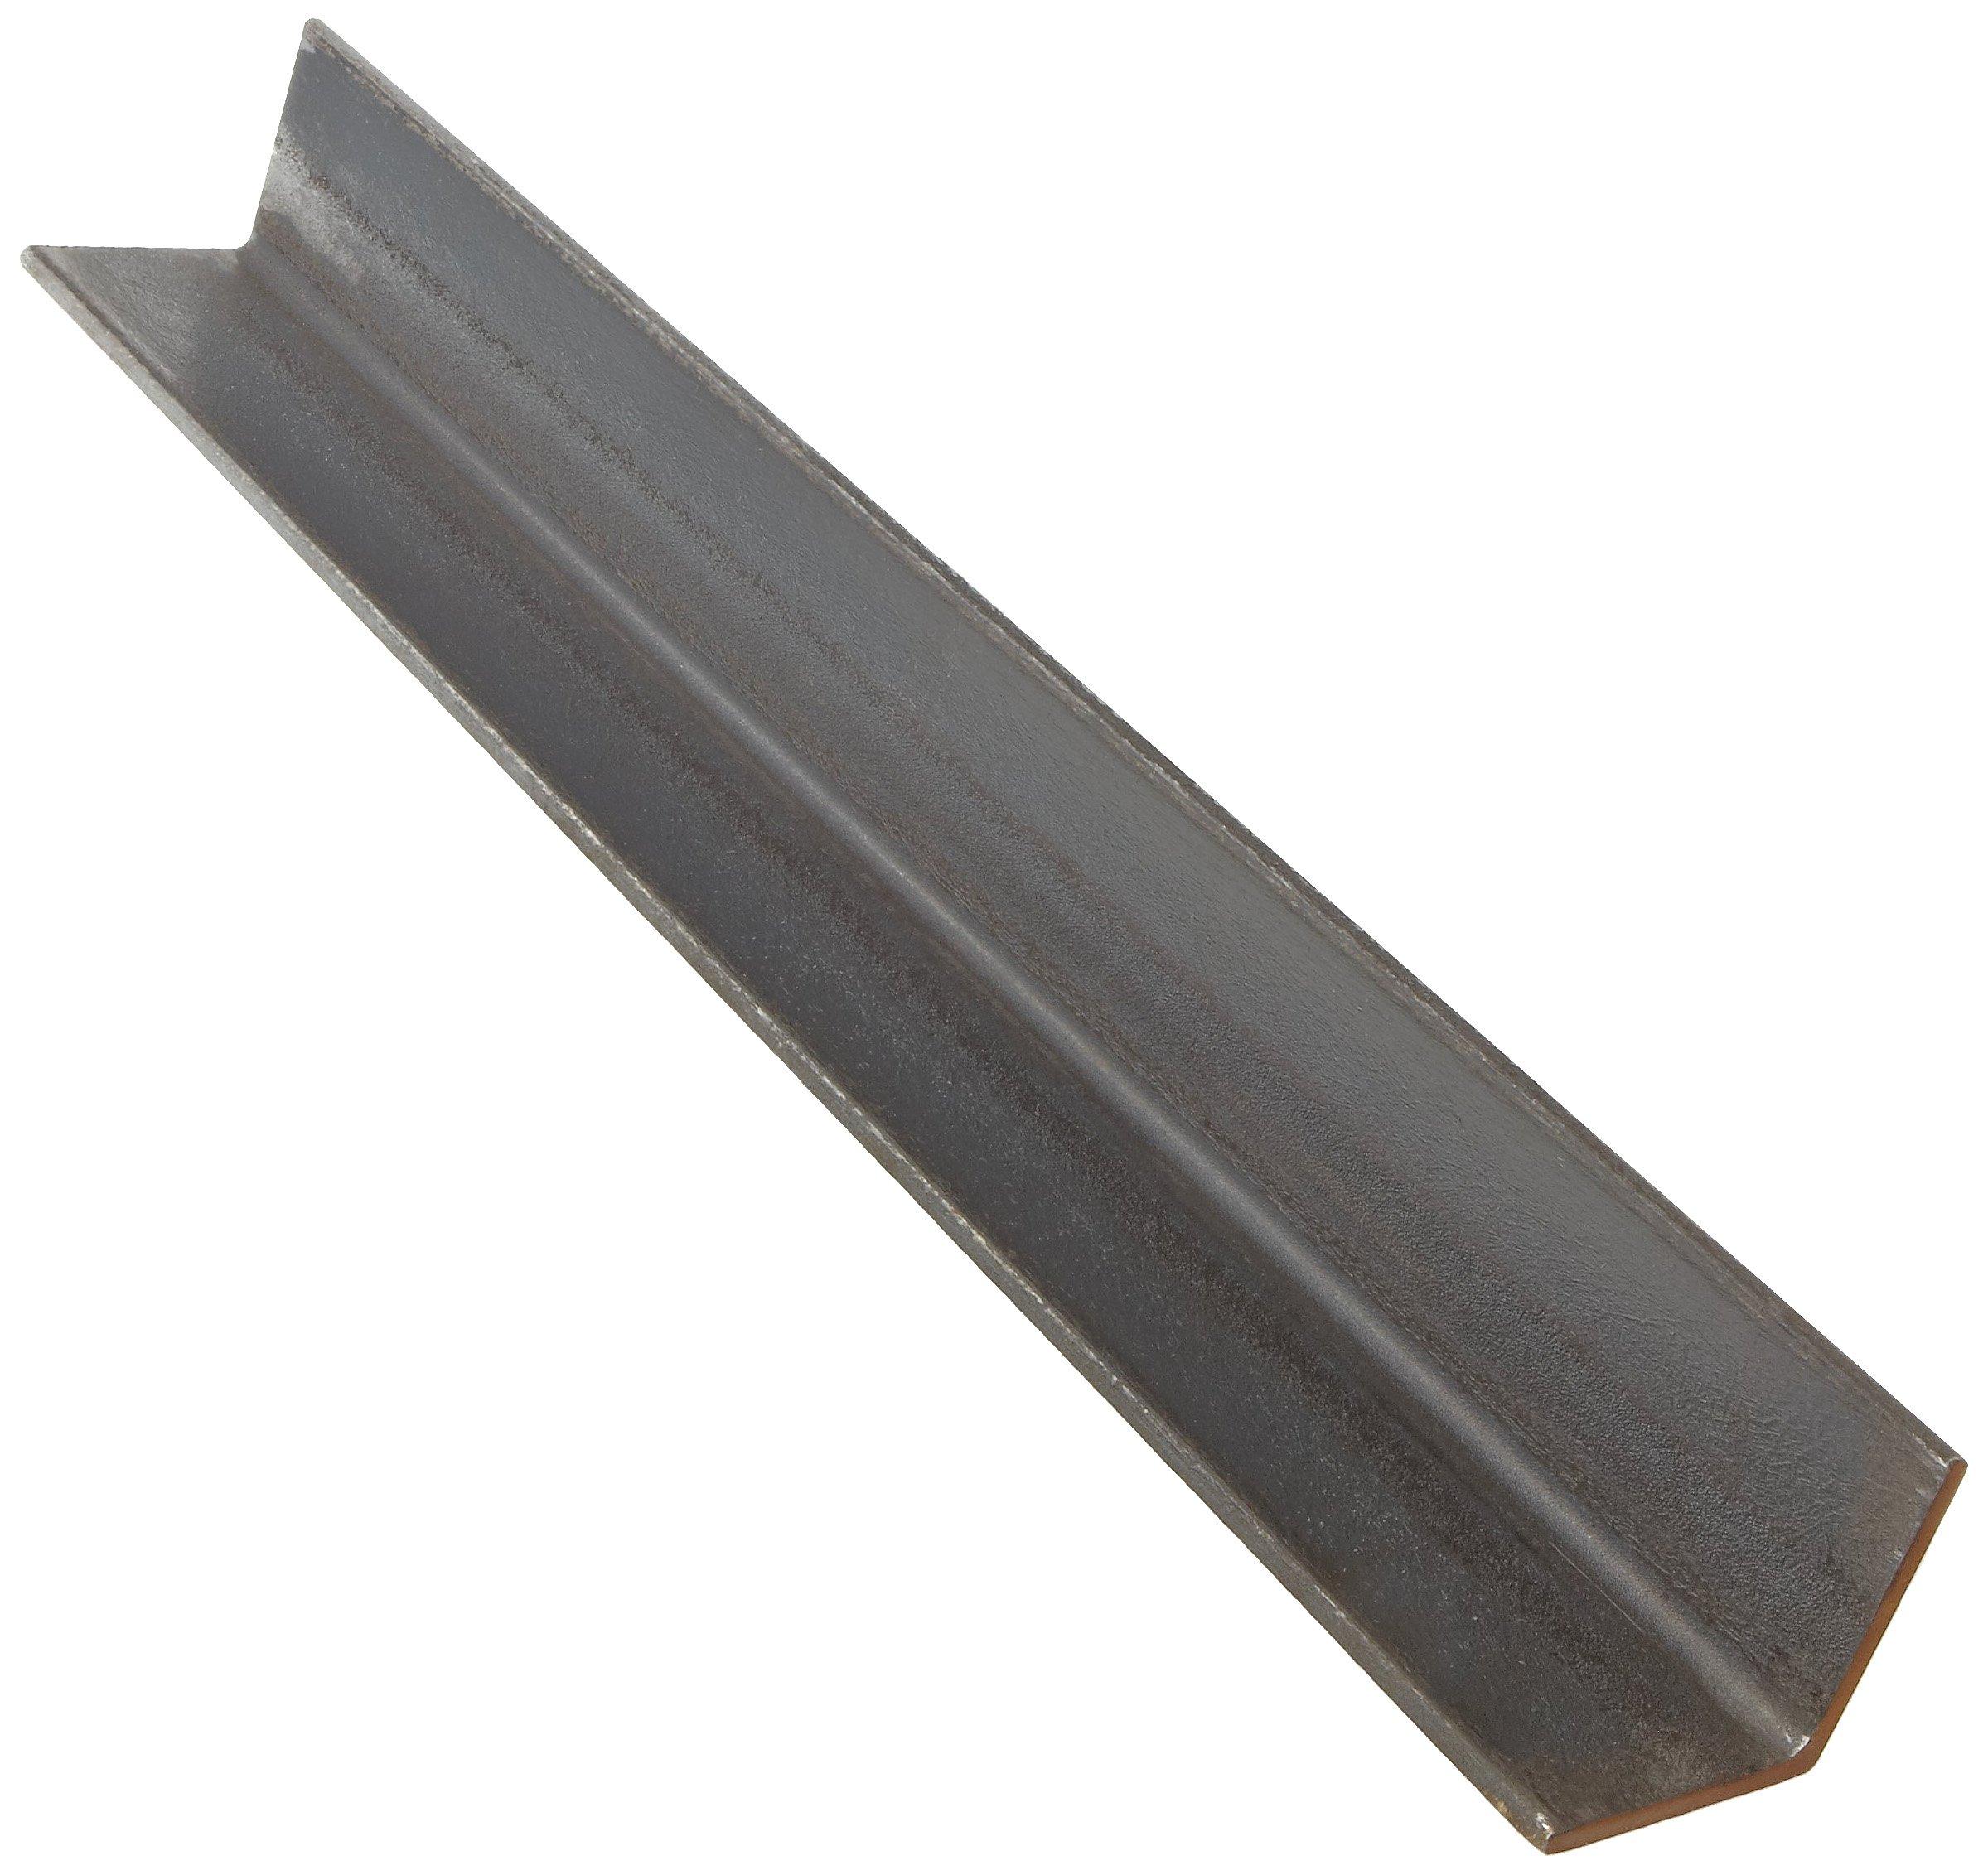 Ngulos de acero en le n l mina galvanizada - Laminas de acero inoxidable ...